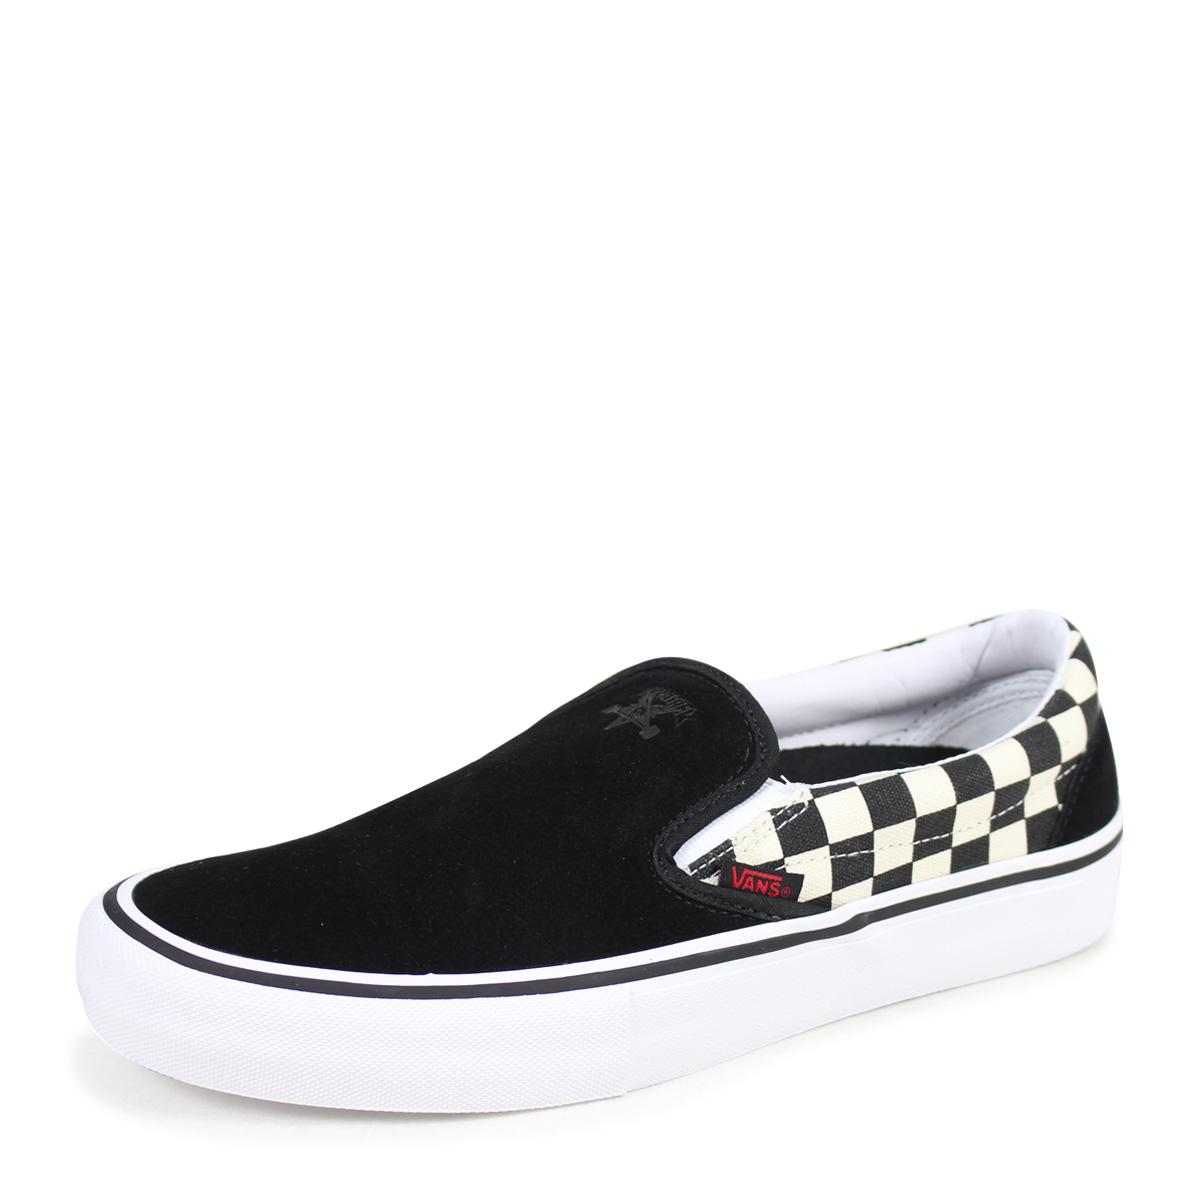 668dd2ad0ad92d ALLSPORTS  VANS THRASHER SLIP-ON PRO slasher slip-ons sneakers men ...